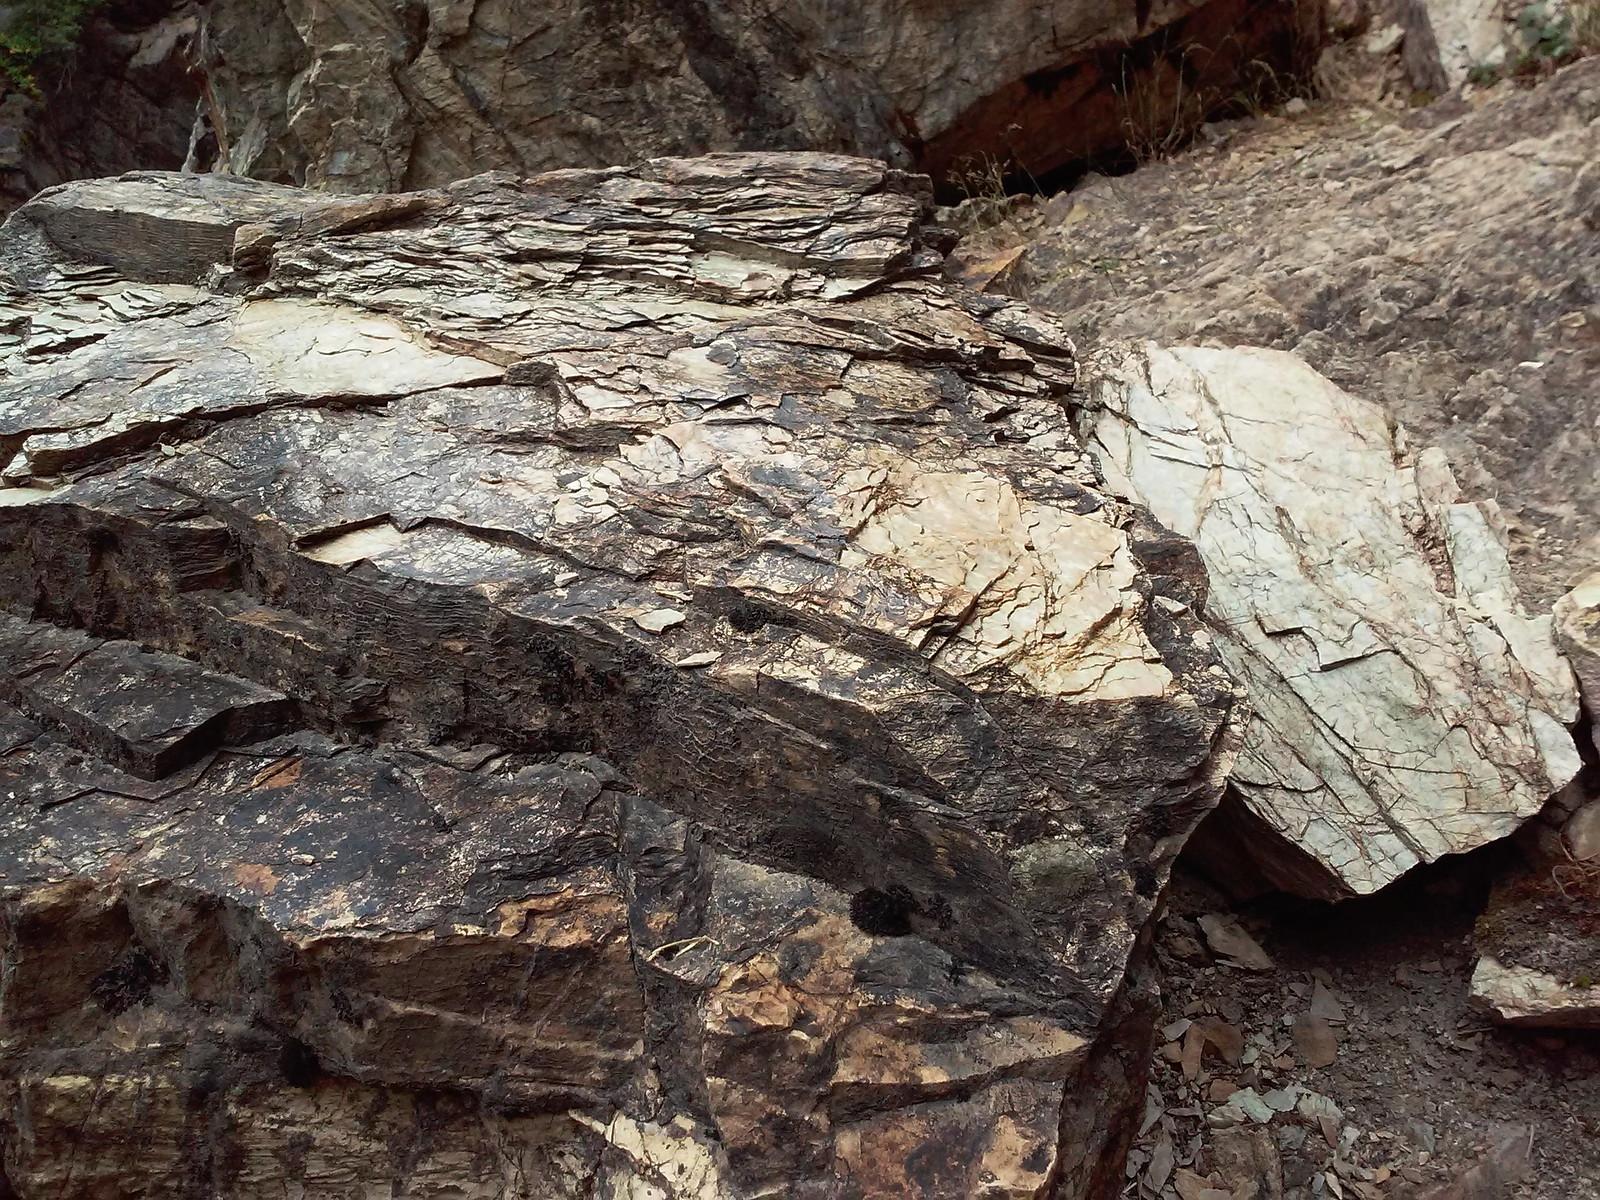 Ksikkihkнni Rock, Running Eagle Falls, Blackfeet Glacier, Montana